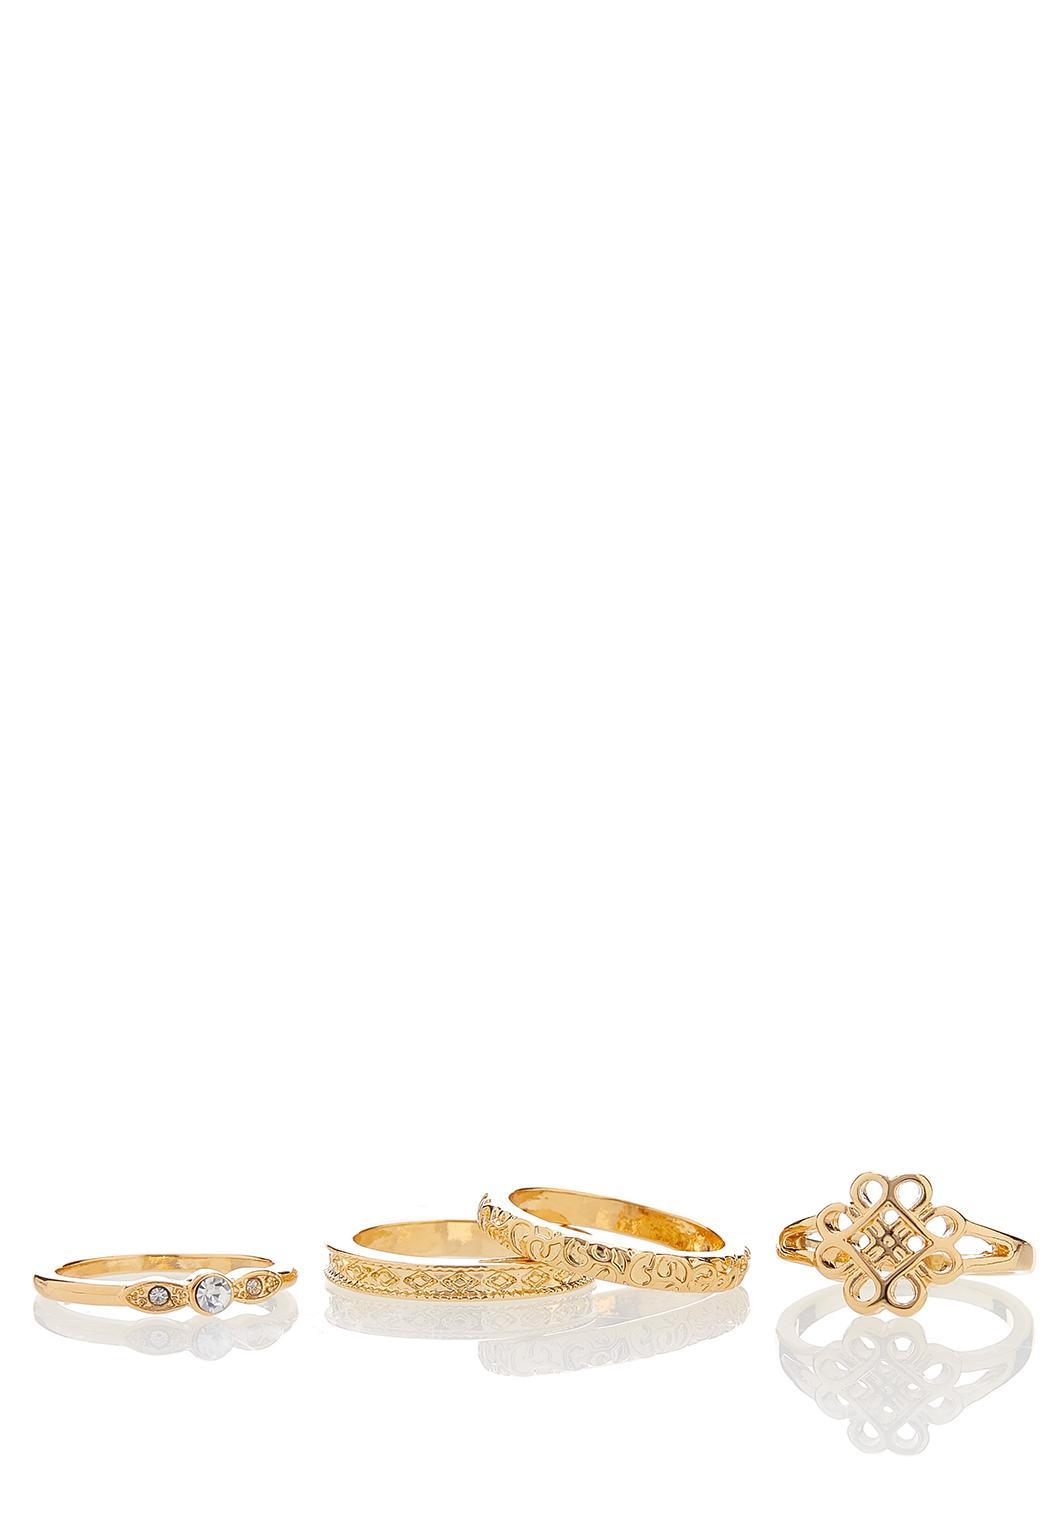 4 Piece Gold Ring Set